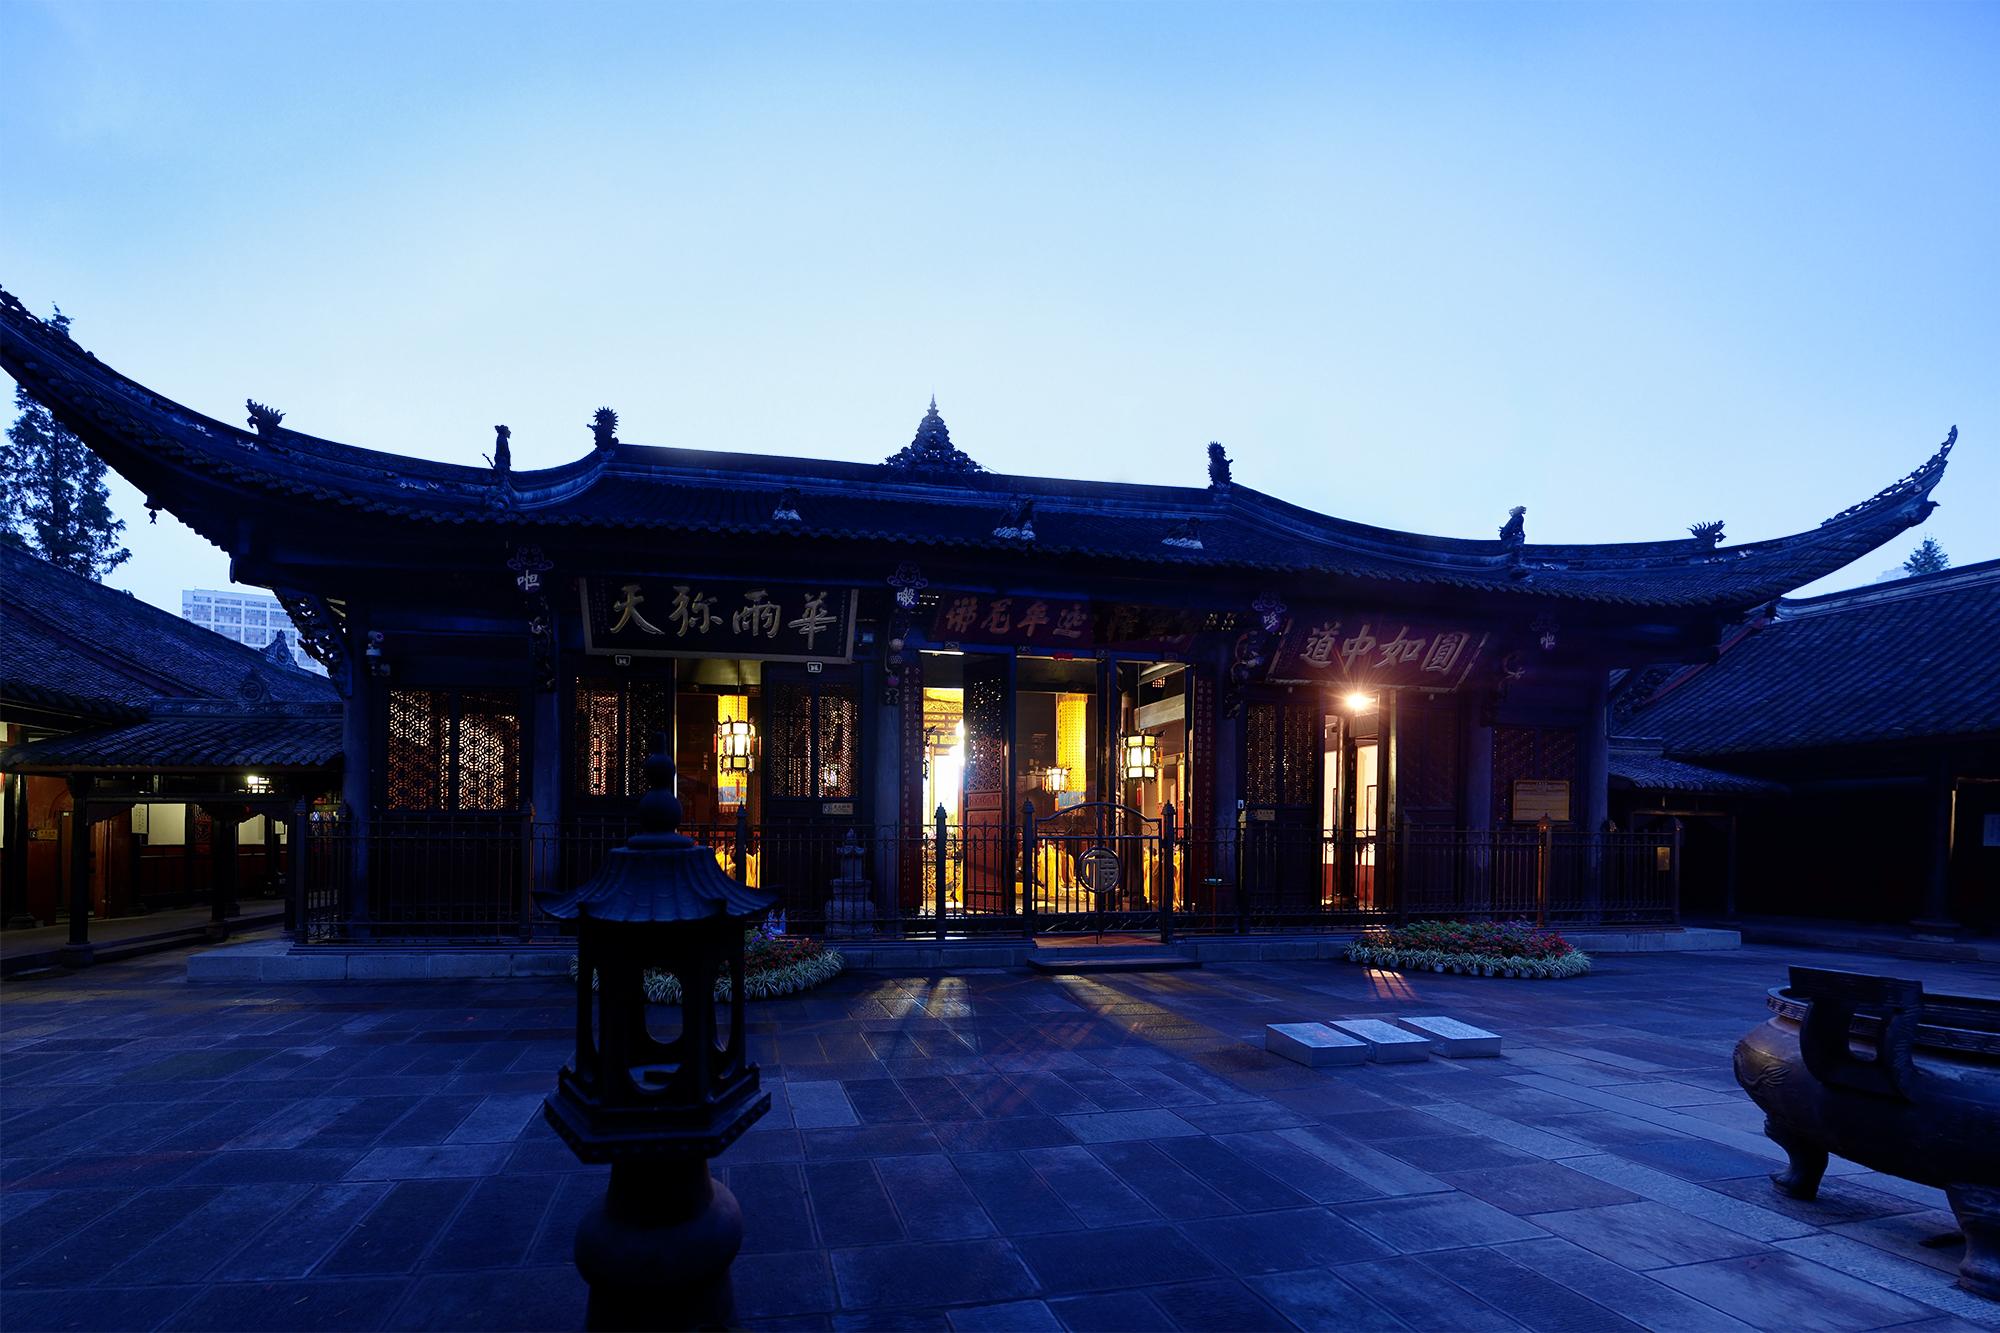 Chengdu_Wenshayuan-007894 Panorama4_cropped_zz.jpg